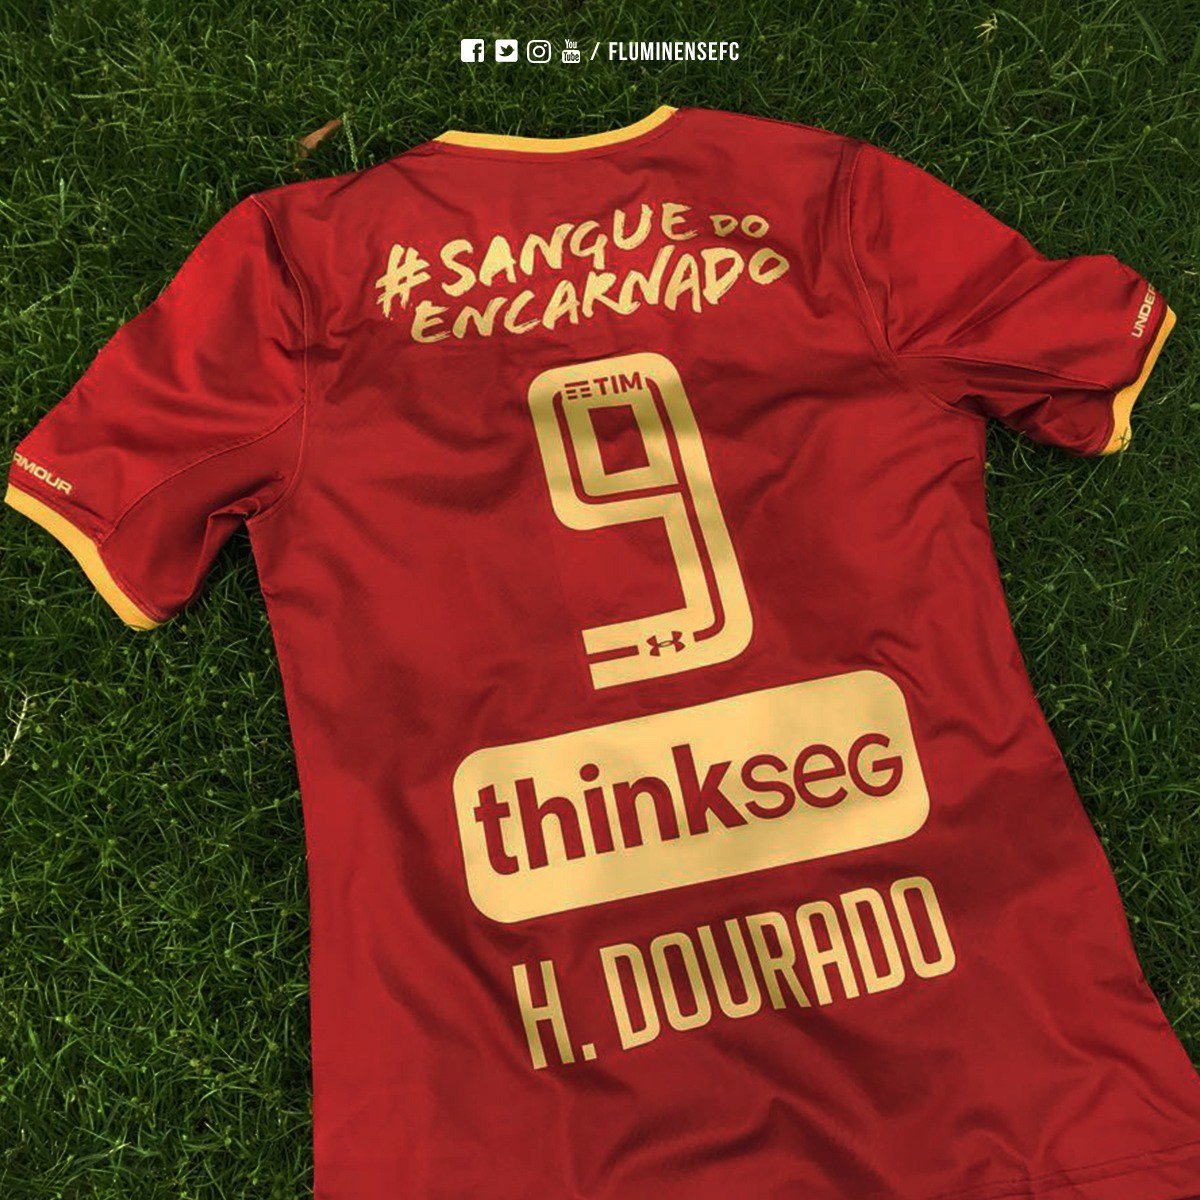 d3f9028608c1d Fluminense F.C. on Twitter